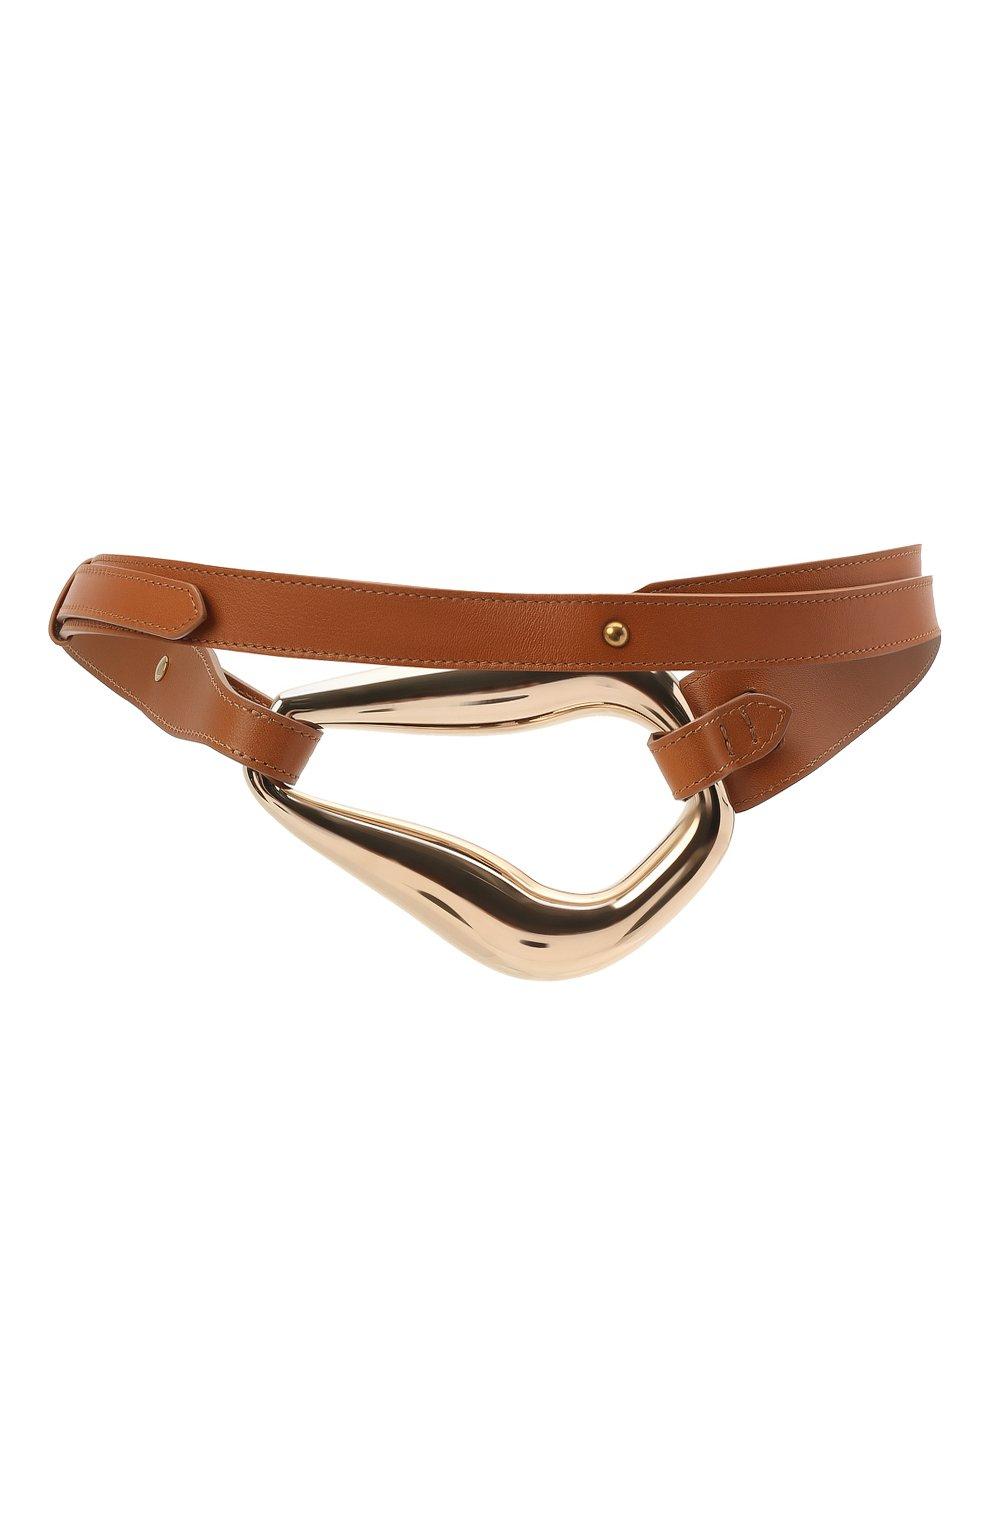 Женский кожаный пояс CHLOÉ коричневого цвета, арт. CHC21UC060AB6 | Фото 2